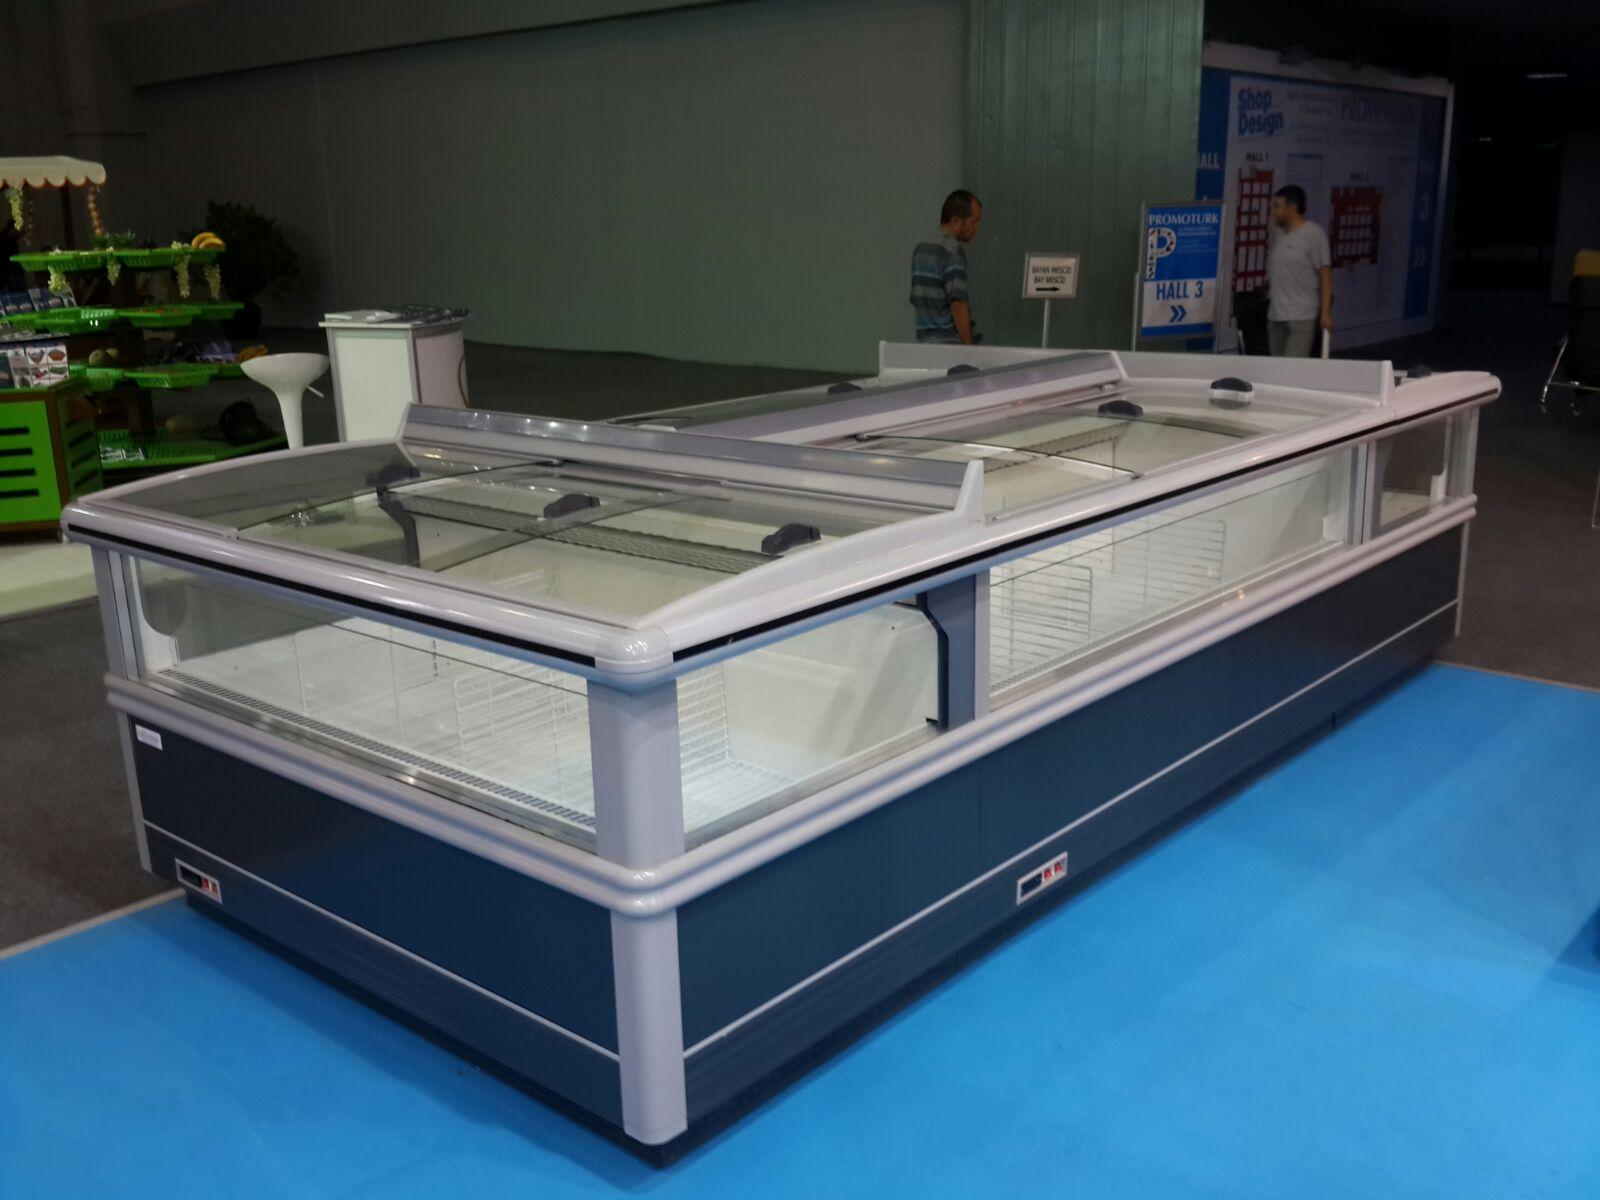 senna-island freezer